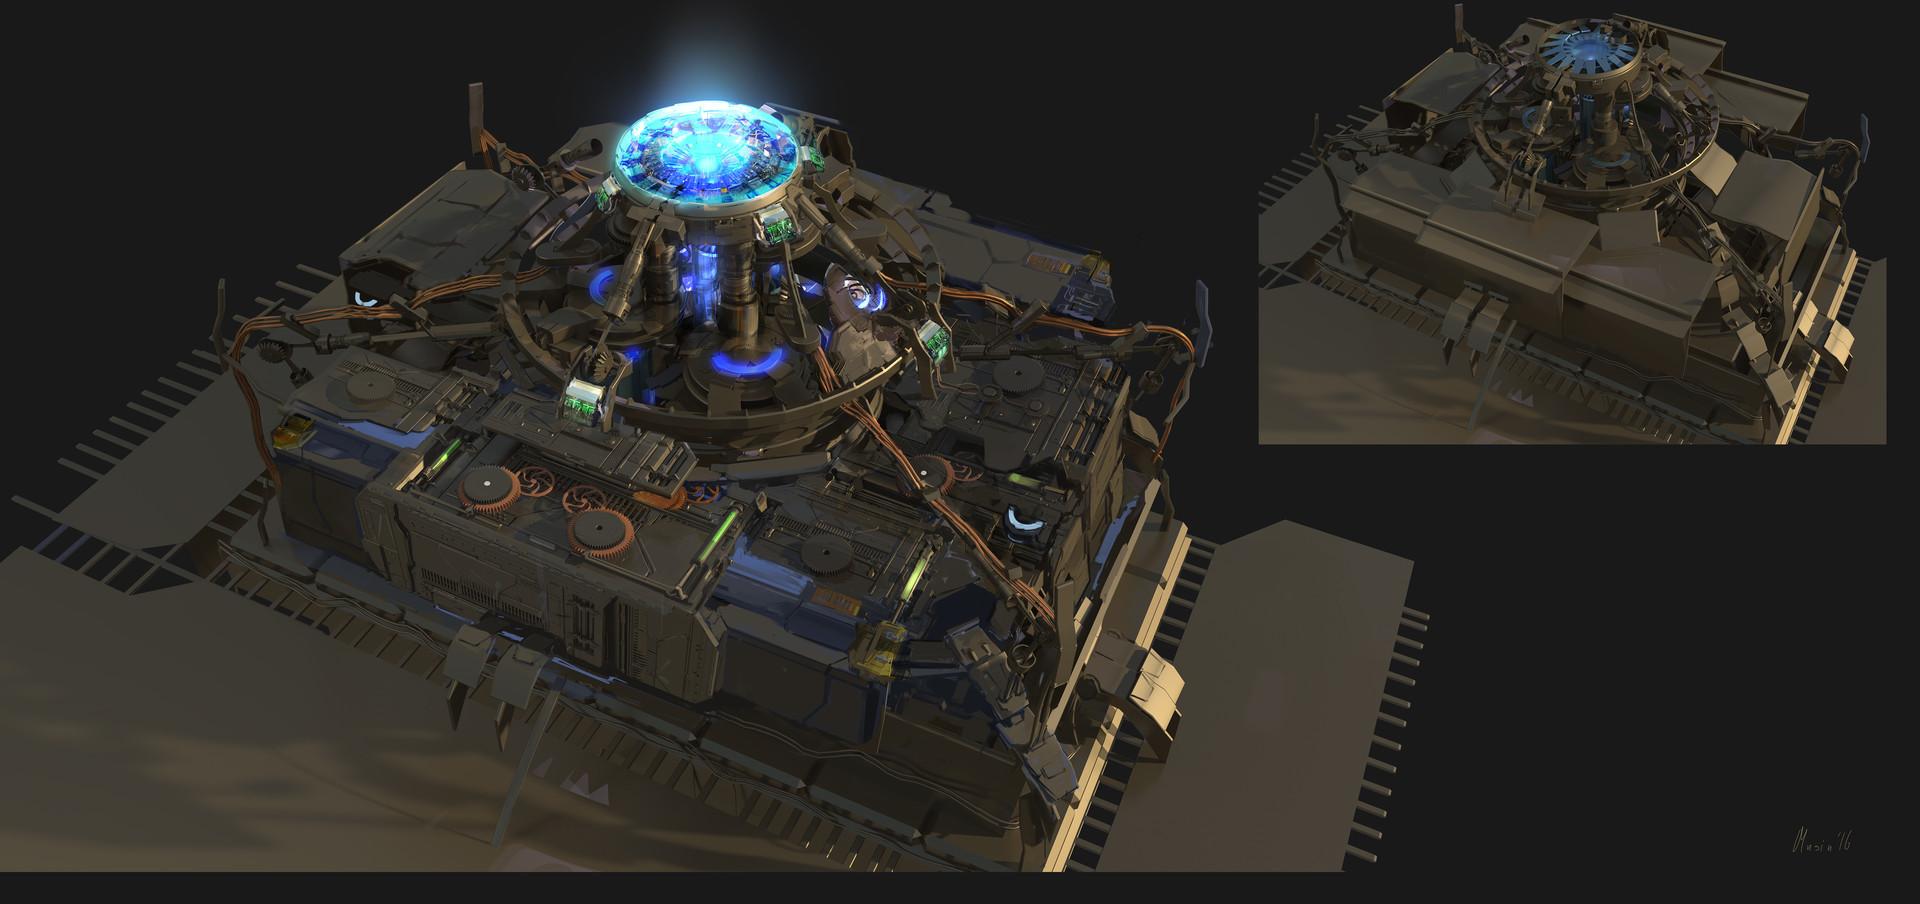 Sergey musin sergey musin t24 reactor conceptart 05